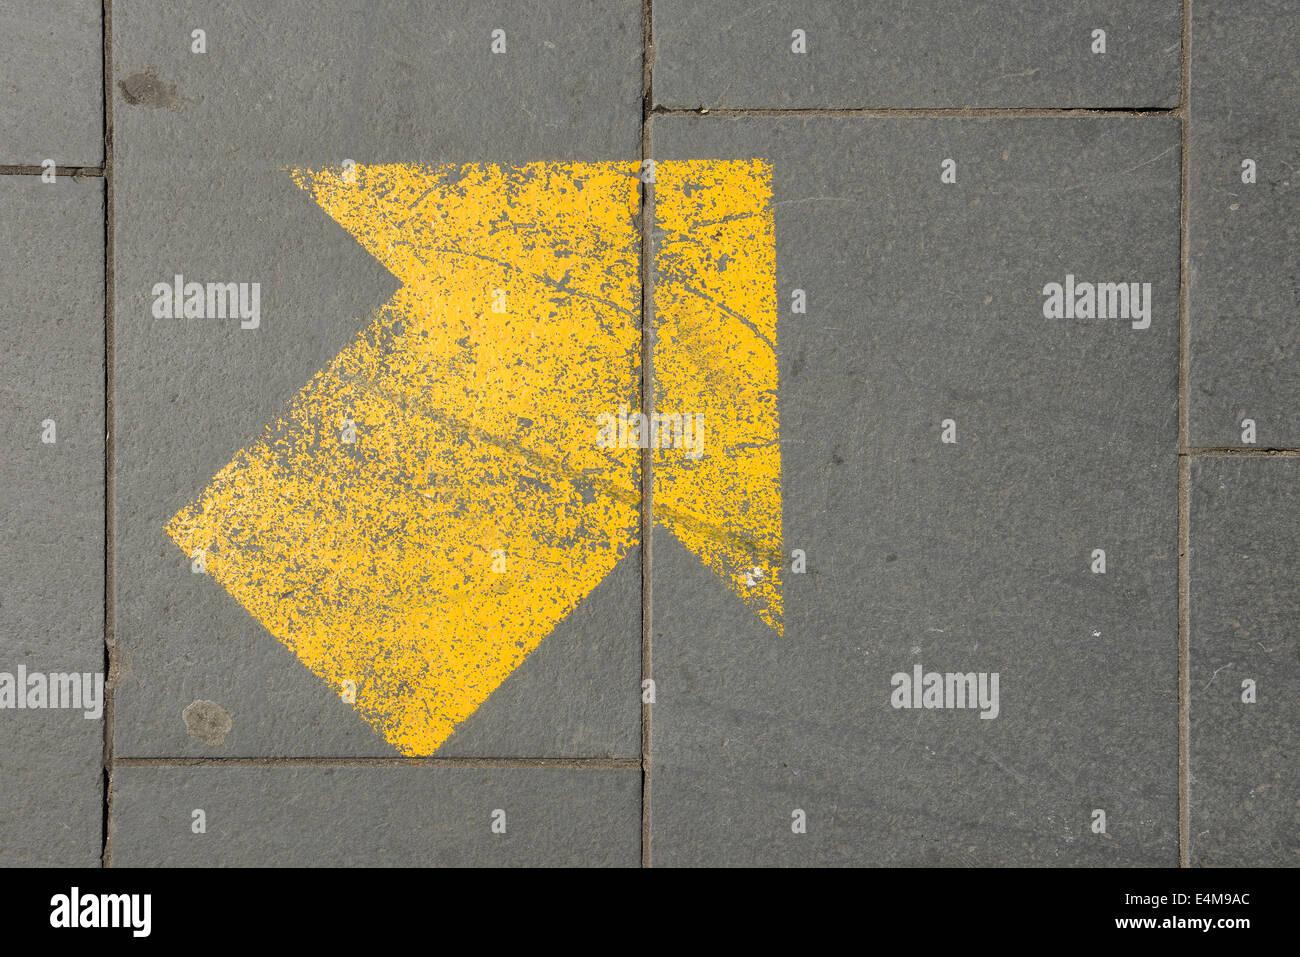 La forme de flèche peint sur la chaussée Photo Stock